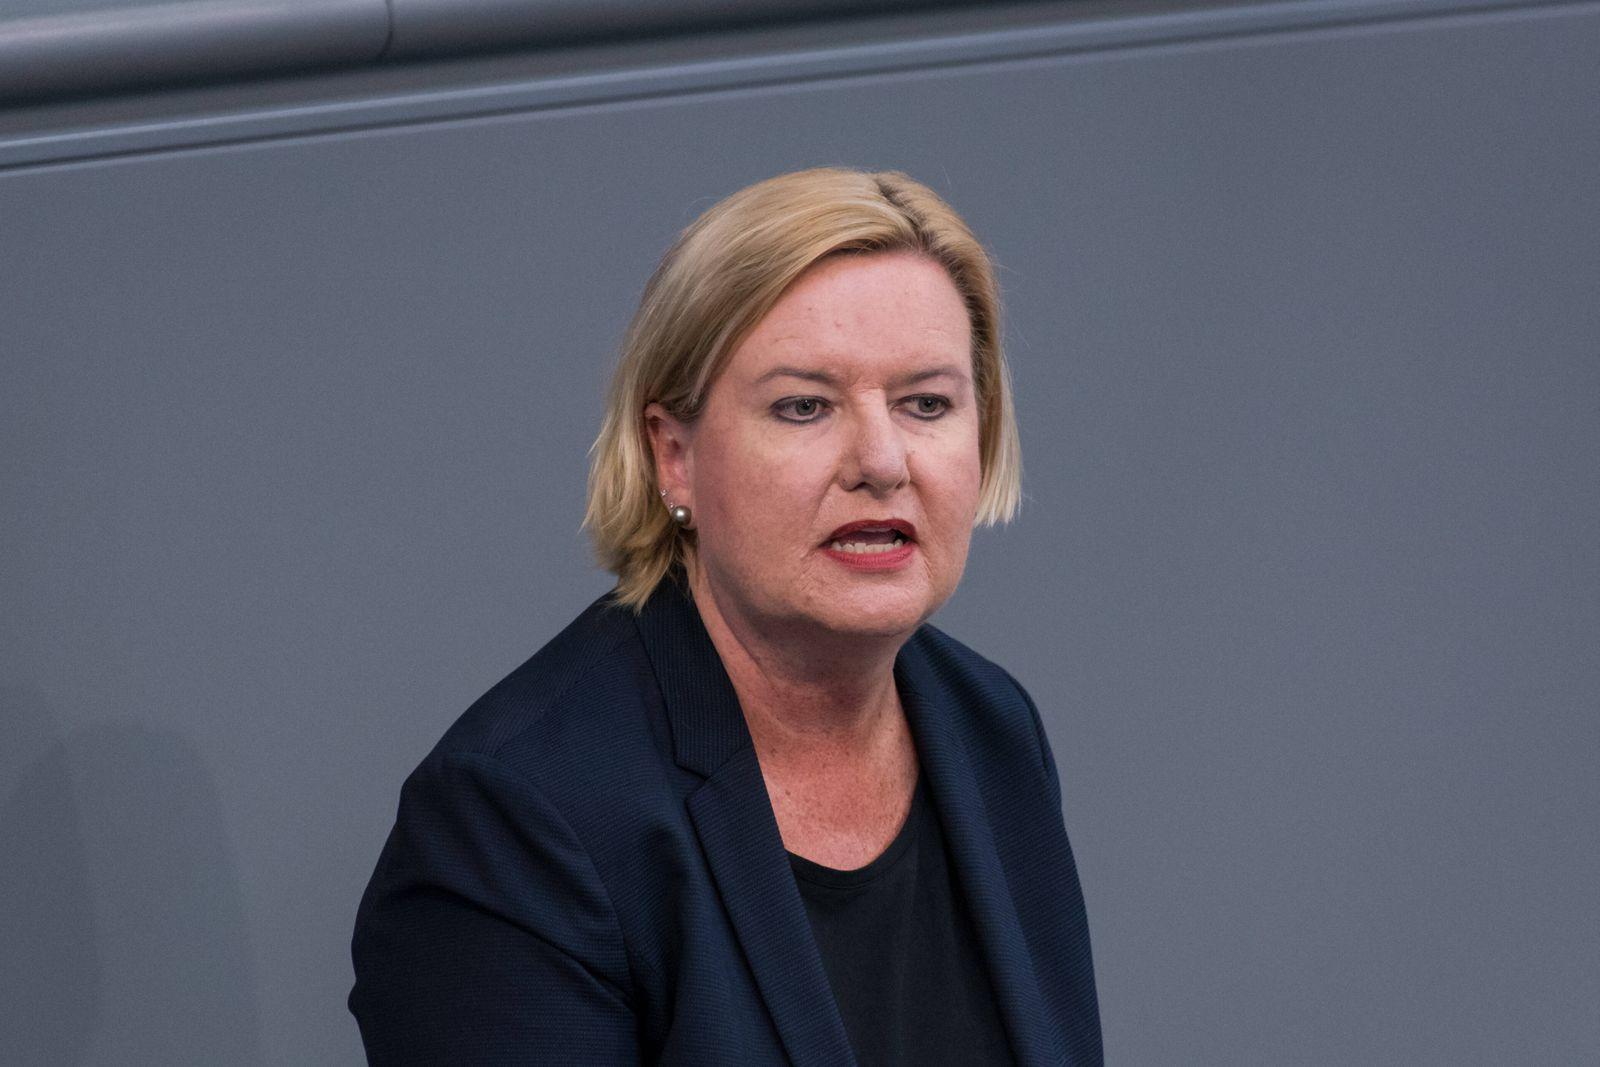 Berlin, Plenarsitzung im Bundestag Deutschland, Berlin - 23.04.2020: Im Bild ist Eva Högl (spd) während der Sitzung des